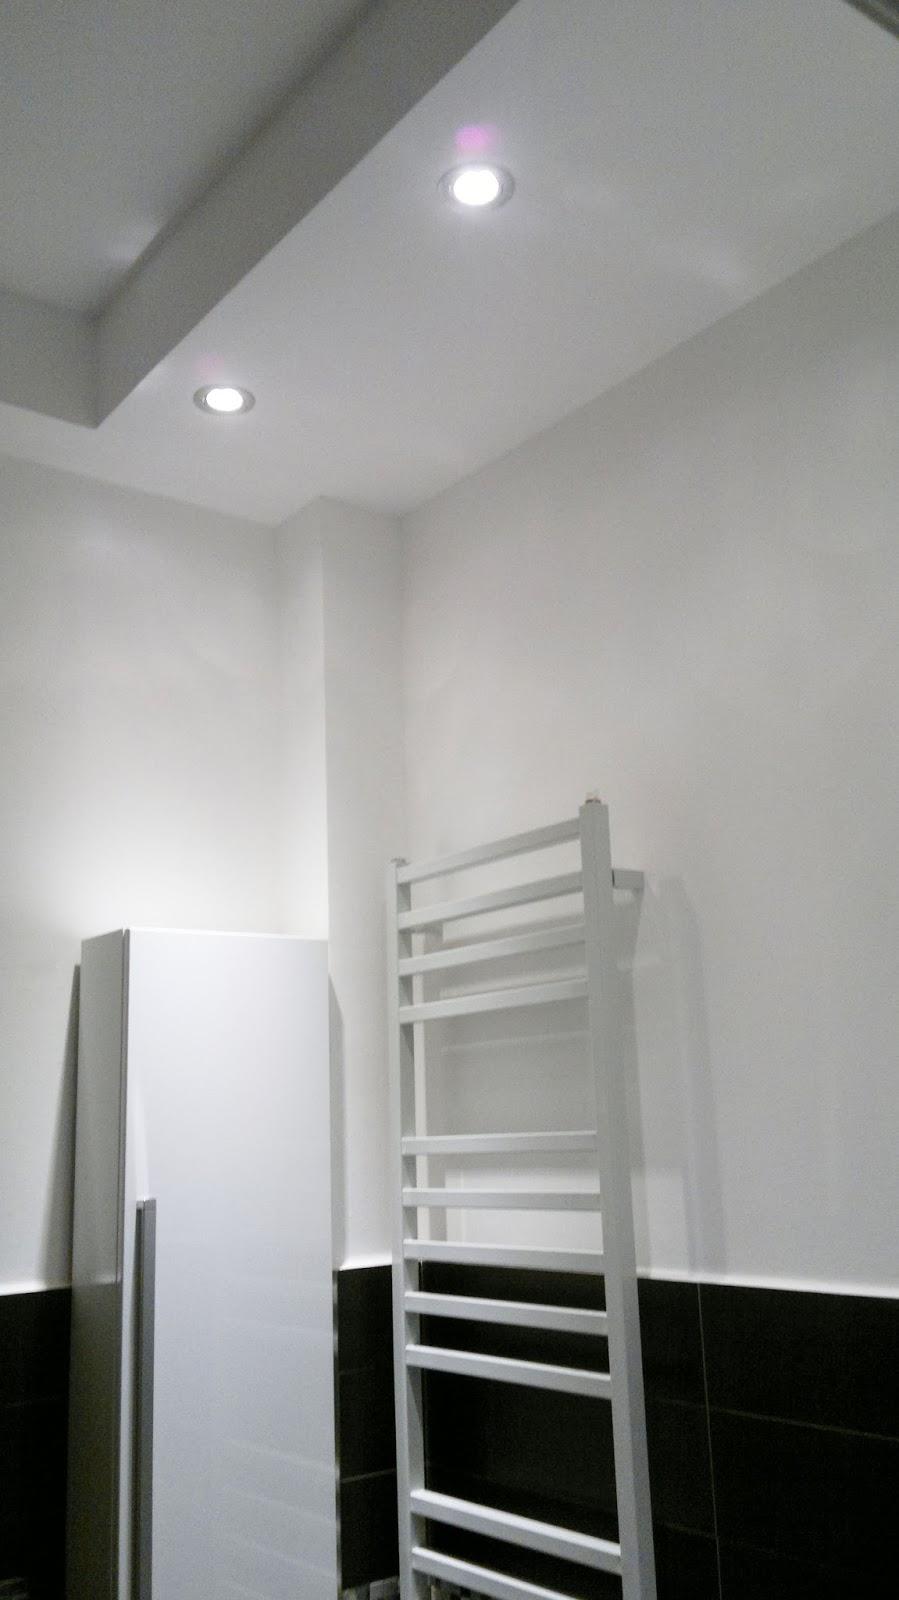 Illuminazione led casa gennaio 2014 - Illuminazione bagno leroy merlin ...